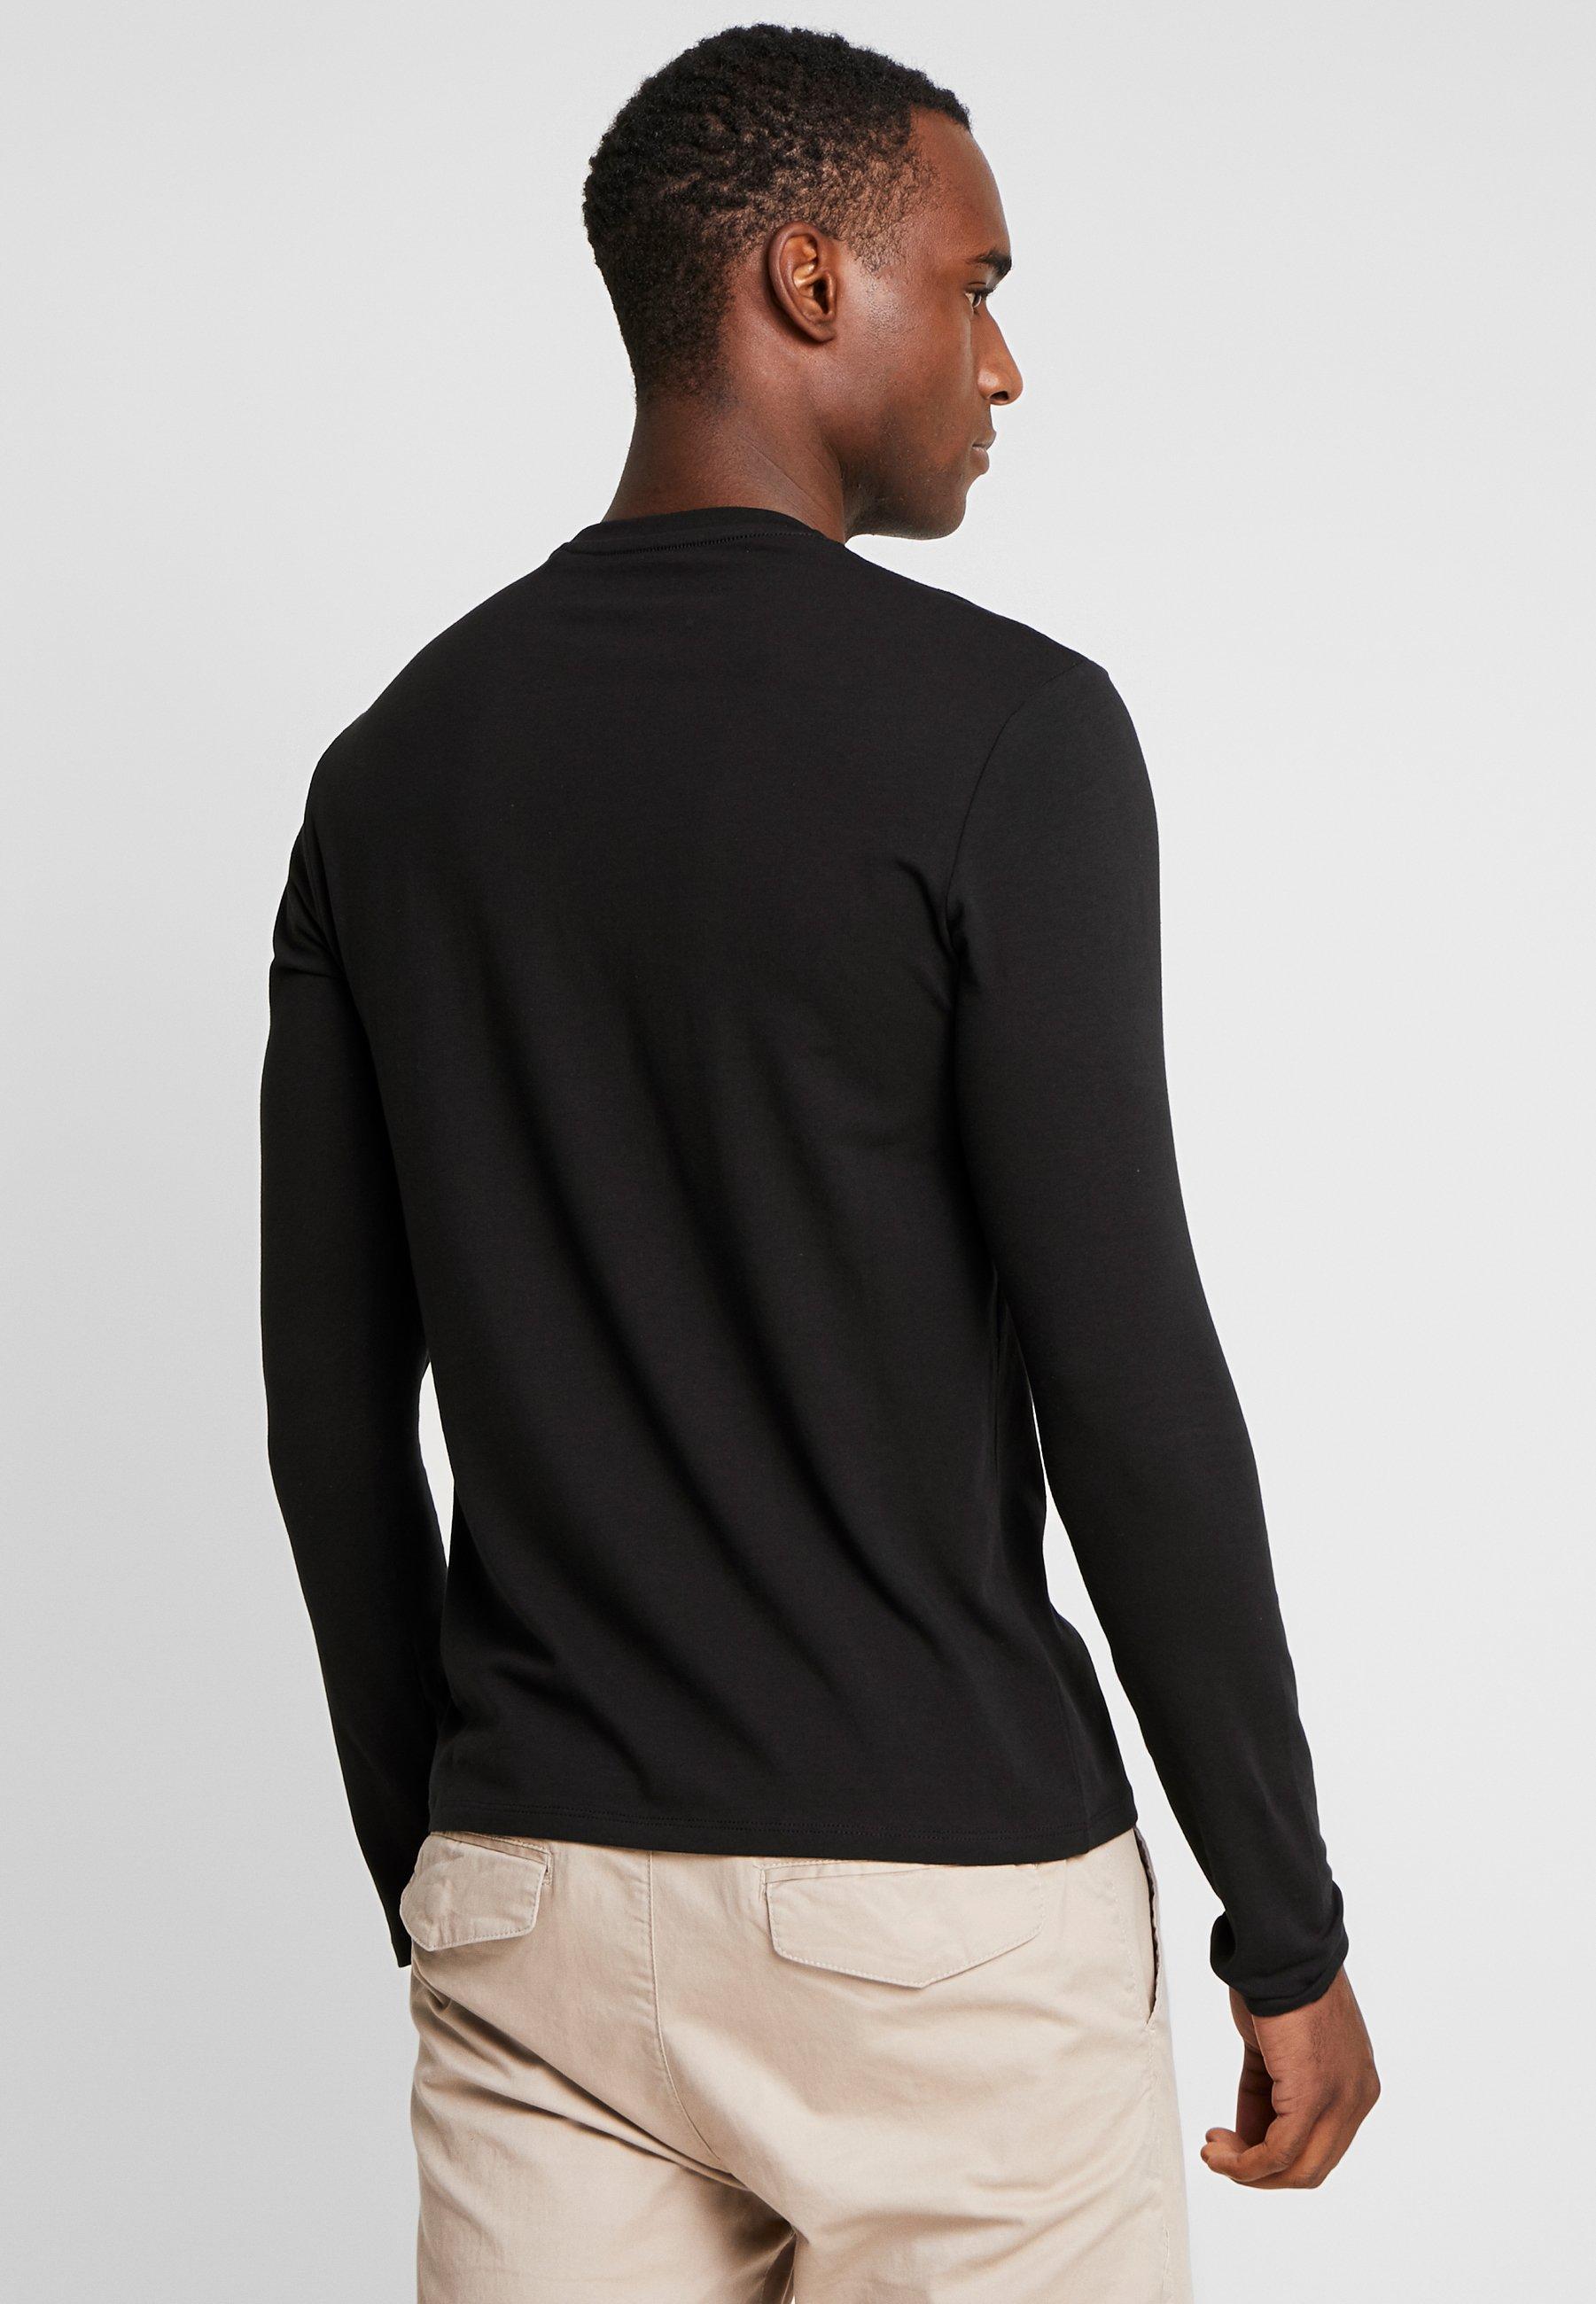 Guess shirt Black Core Longues Jet TeeT À Manches WH2DE9IY